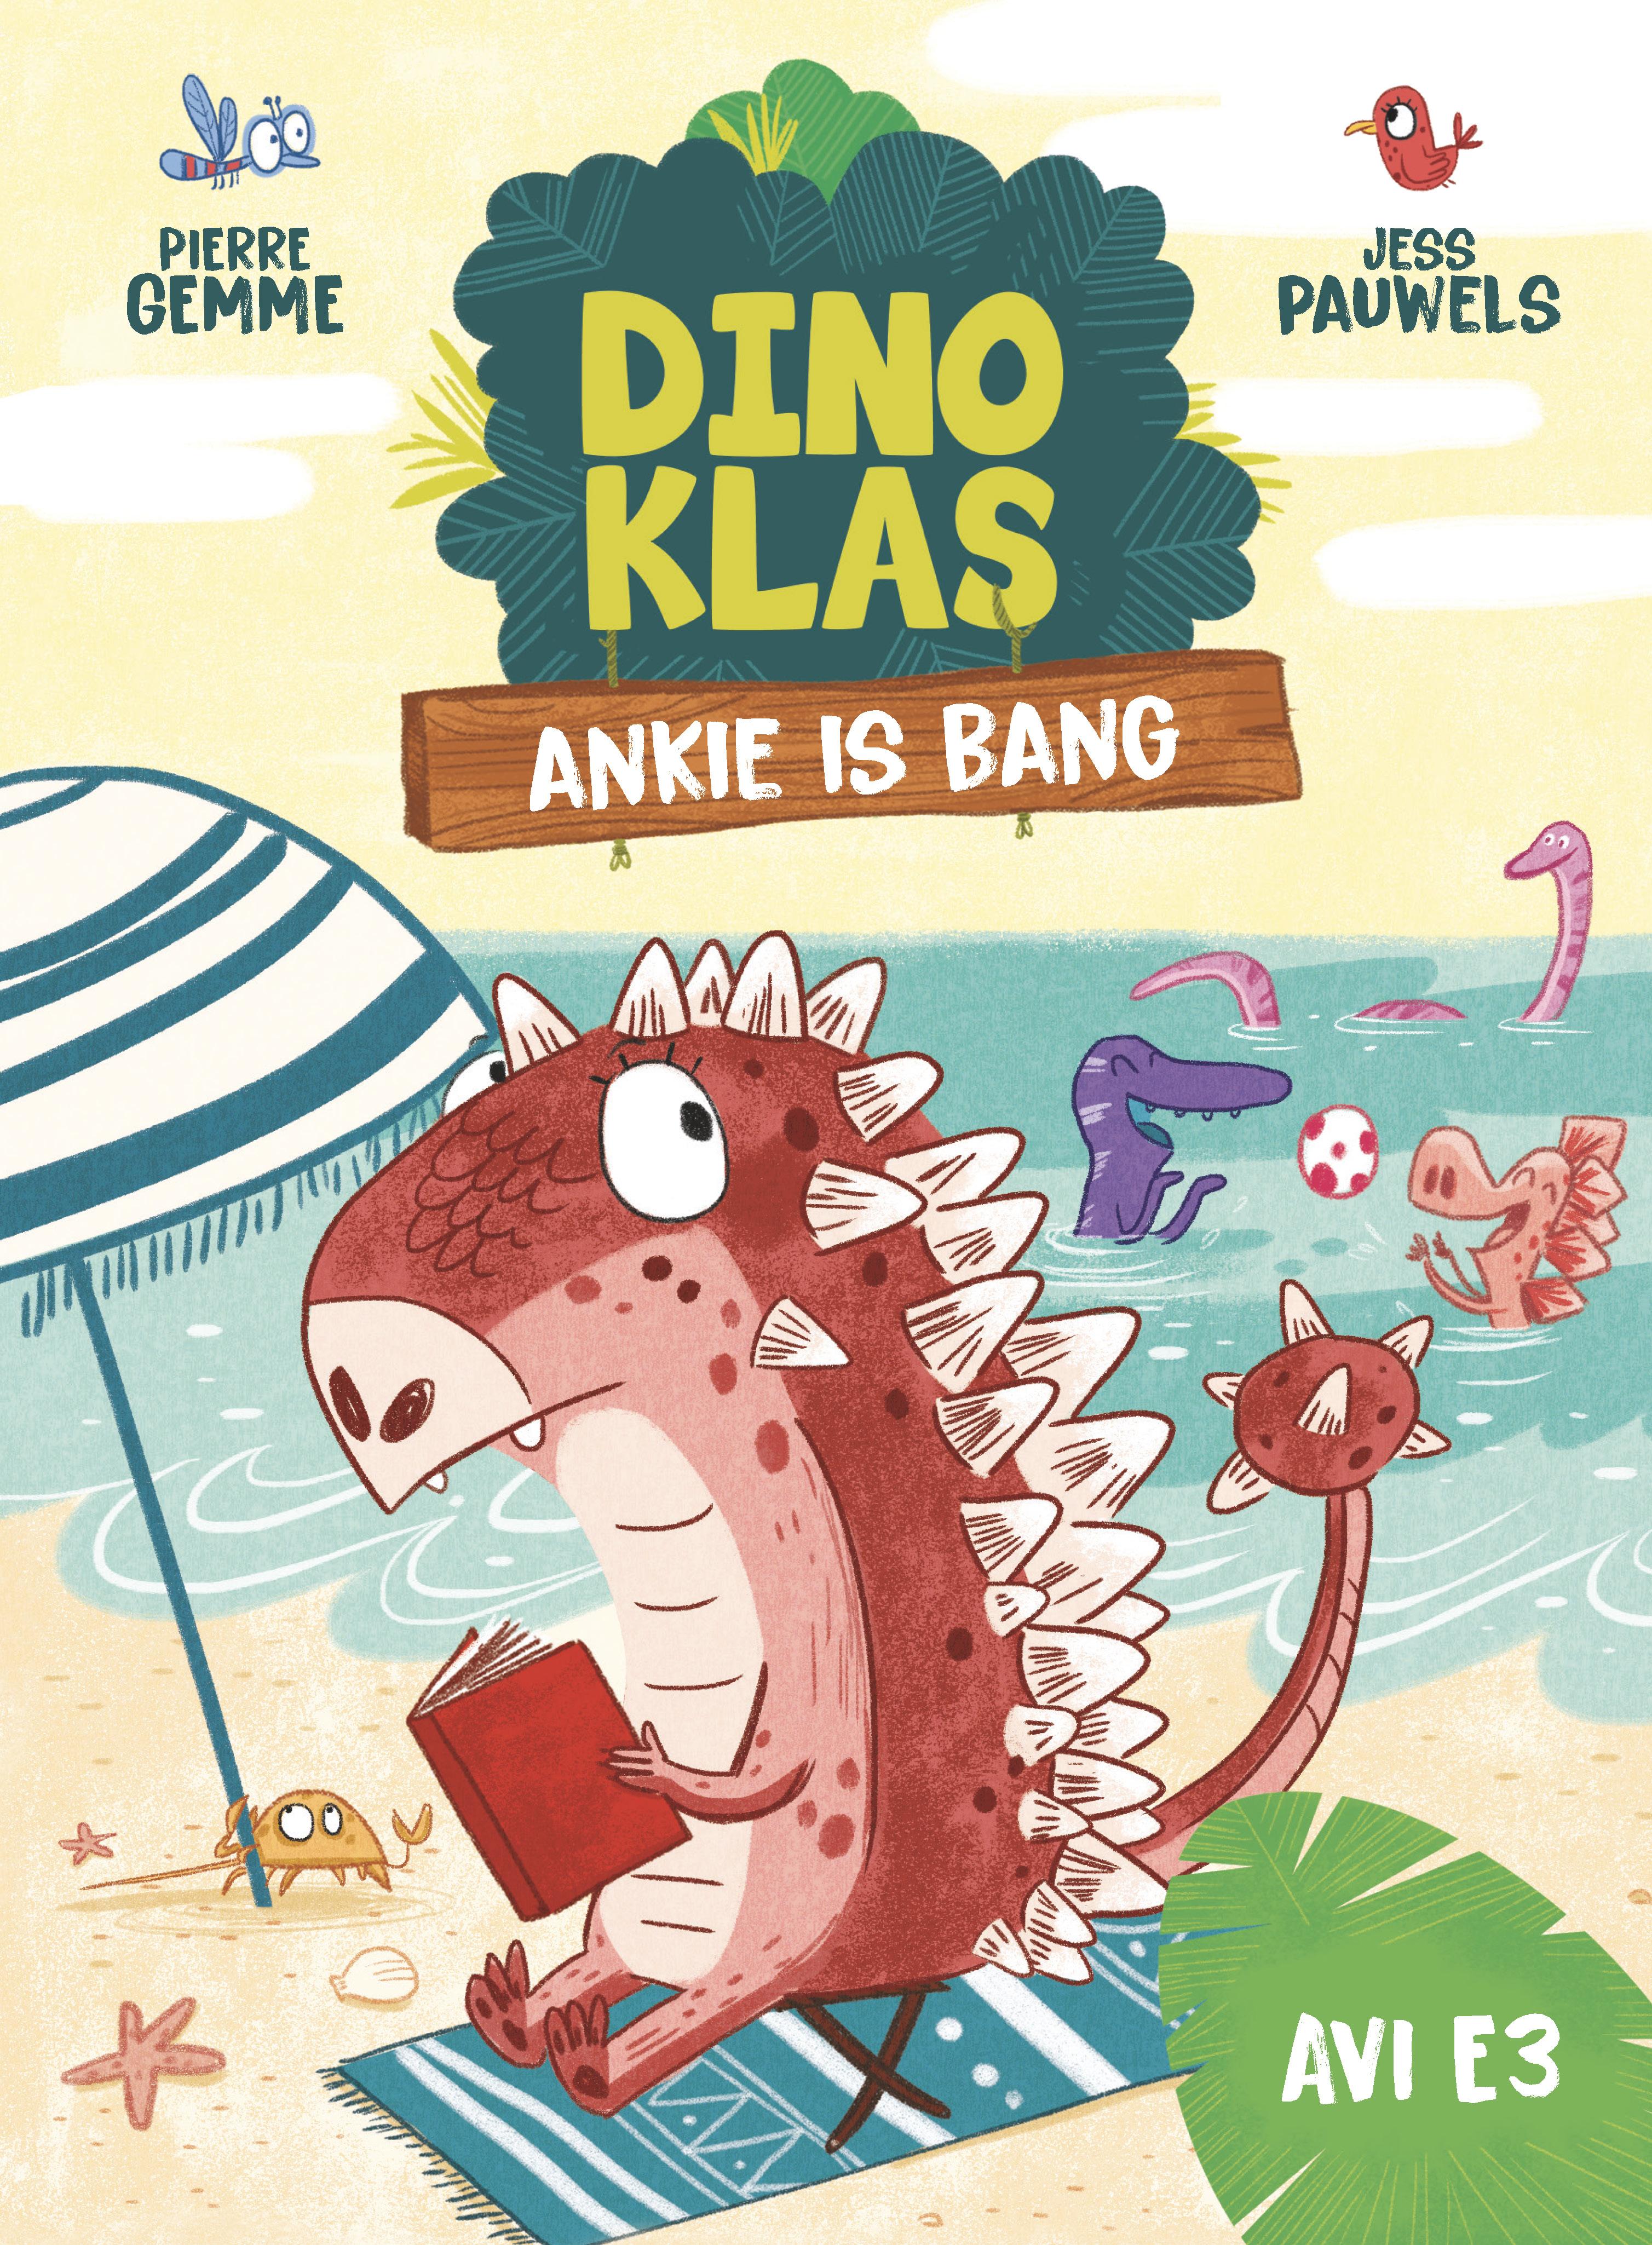 Dinoklas Ankie is bang